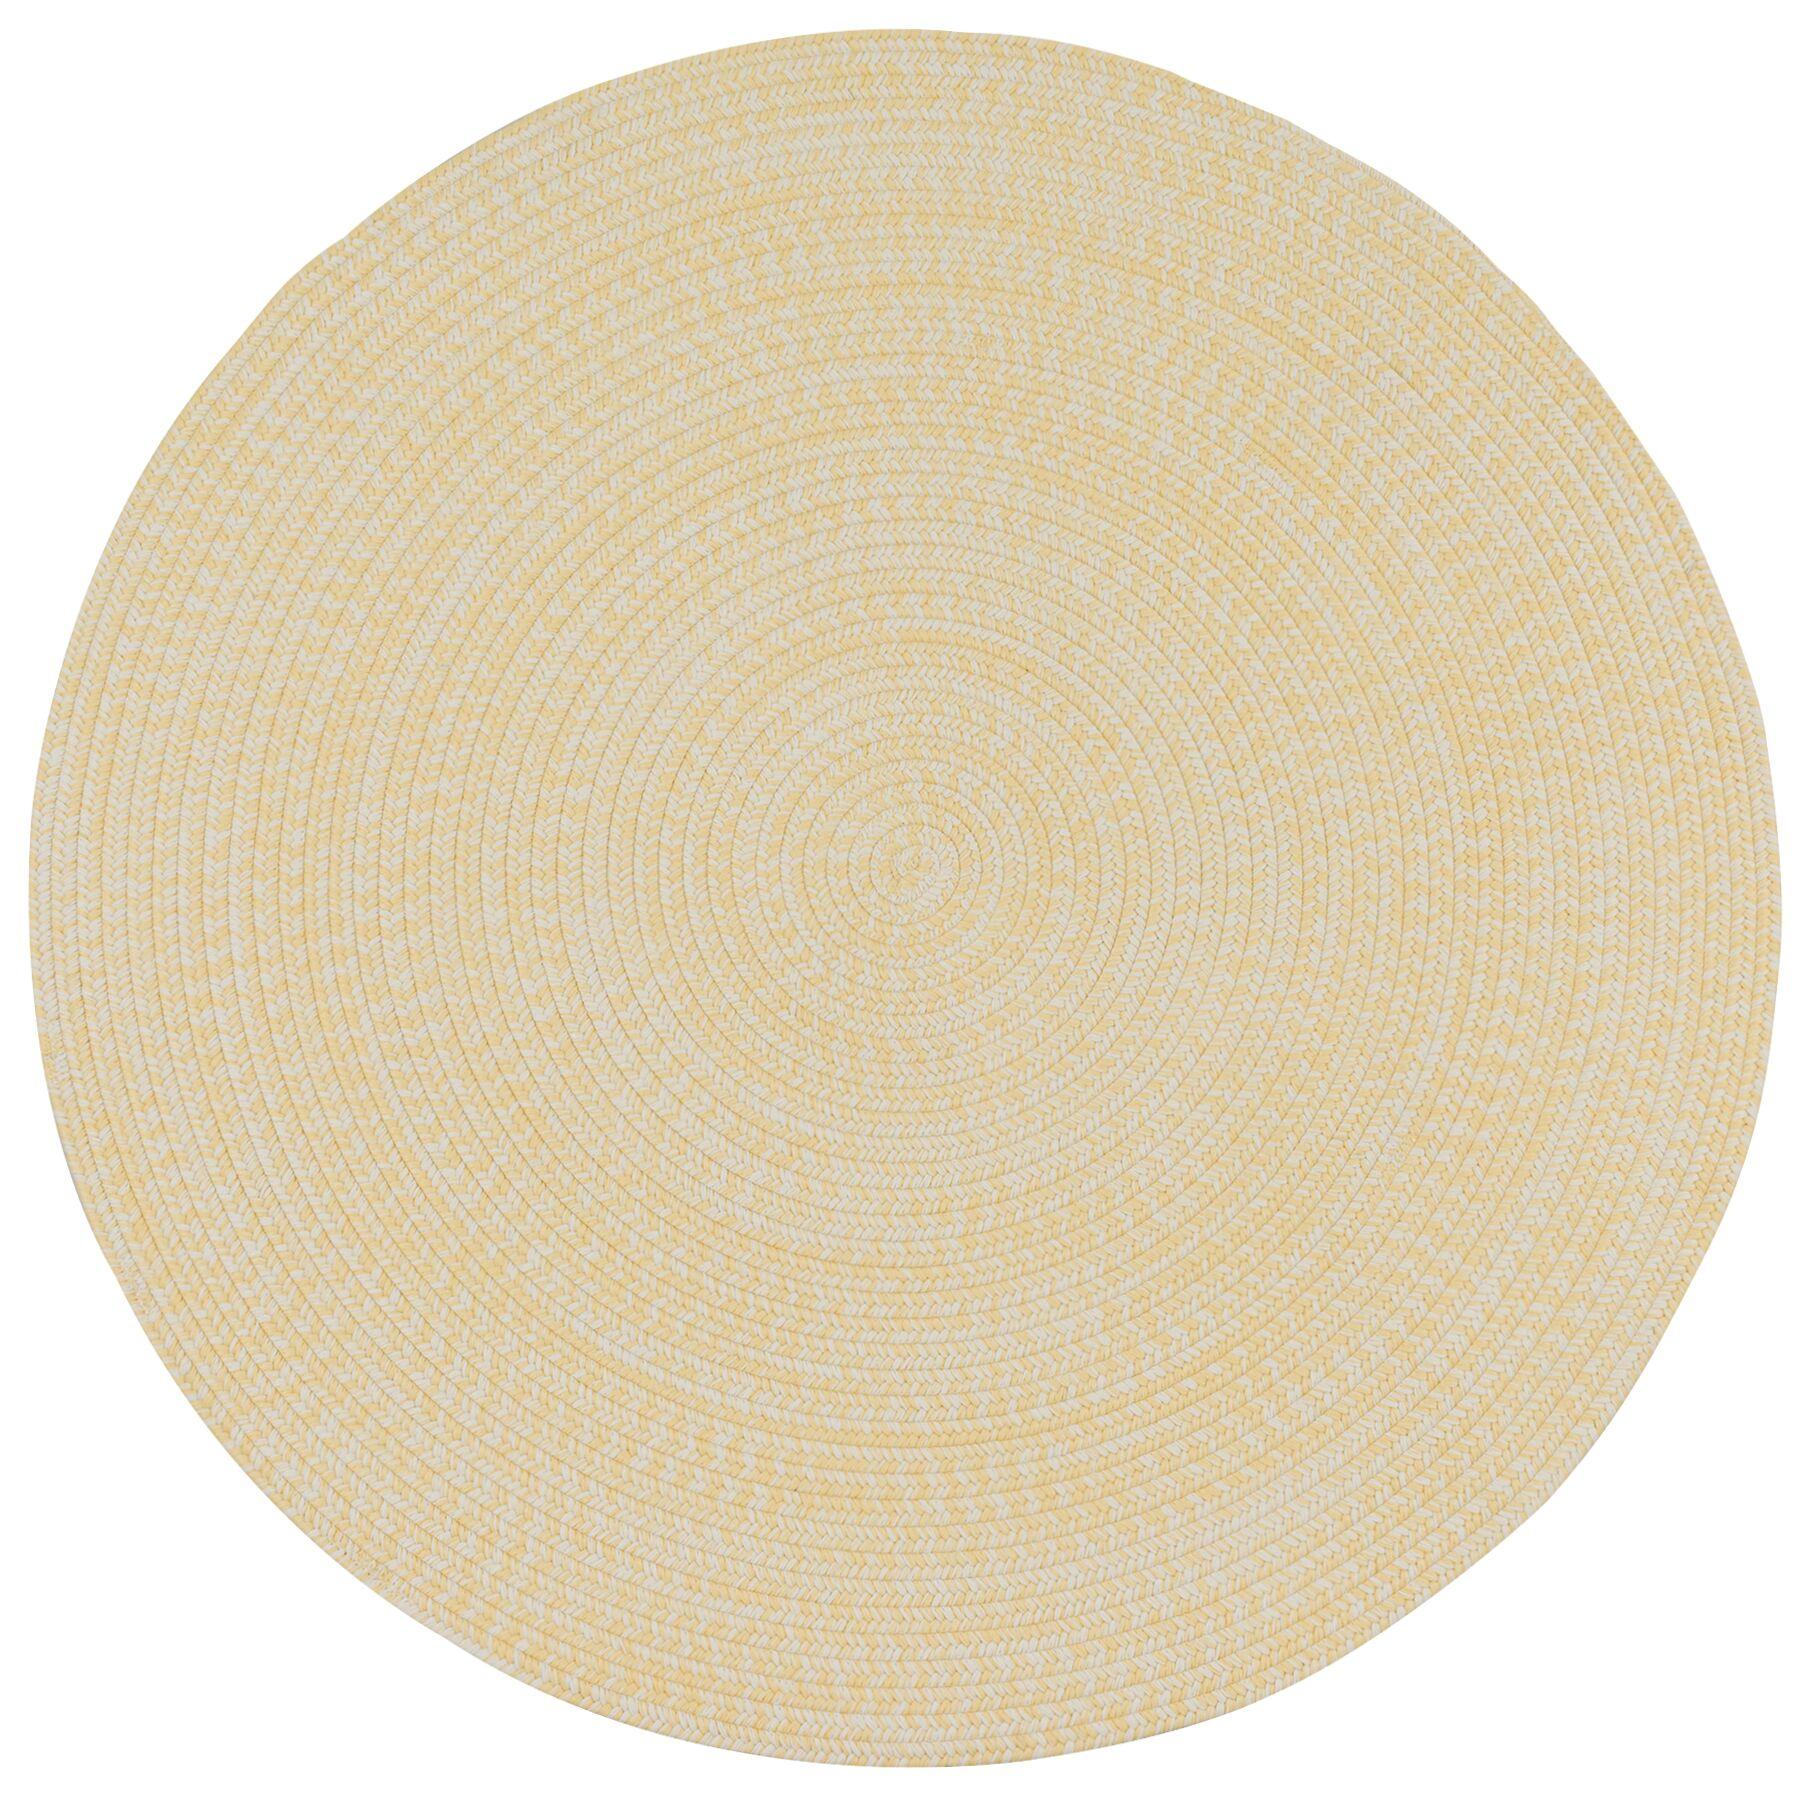 Longe Tweed Hand-Braided Beige Indoor/Outdoor Area Rug Rug Size: Round 9'